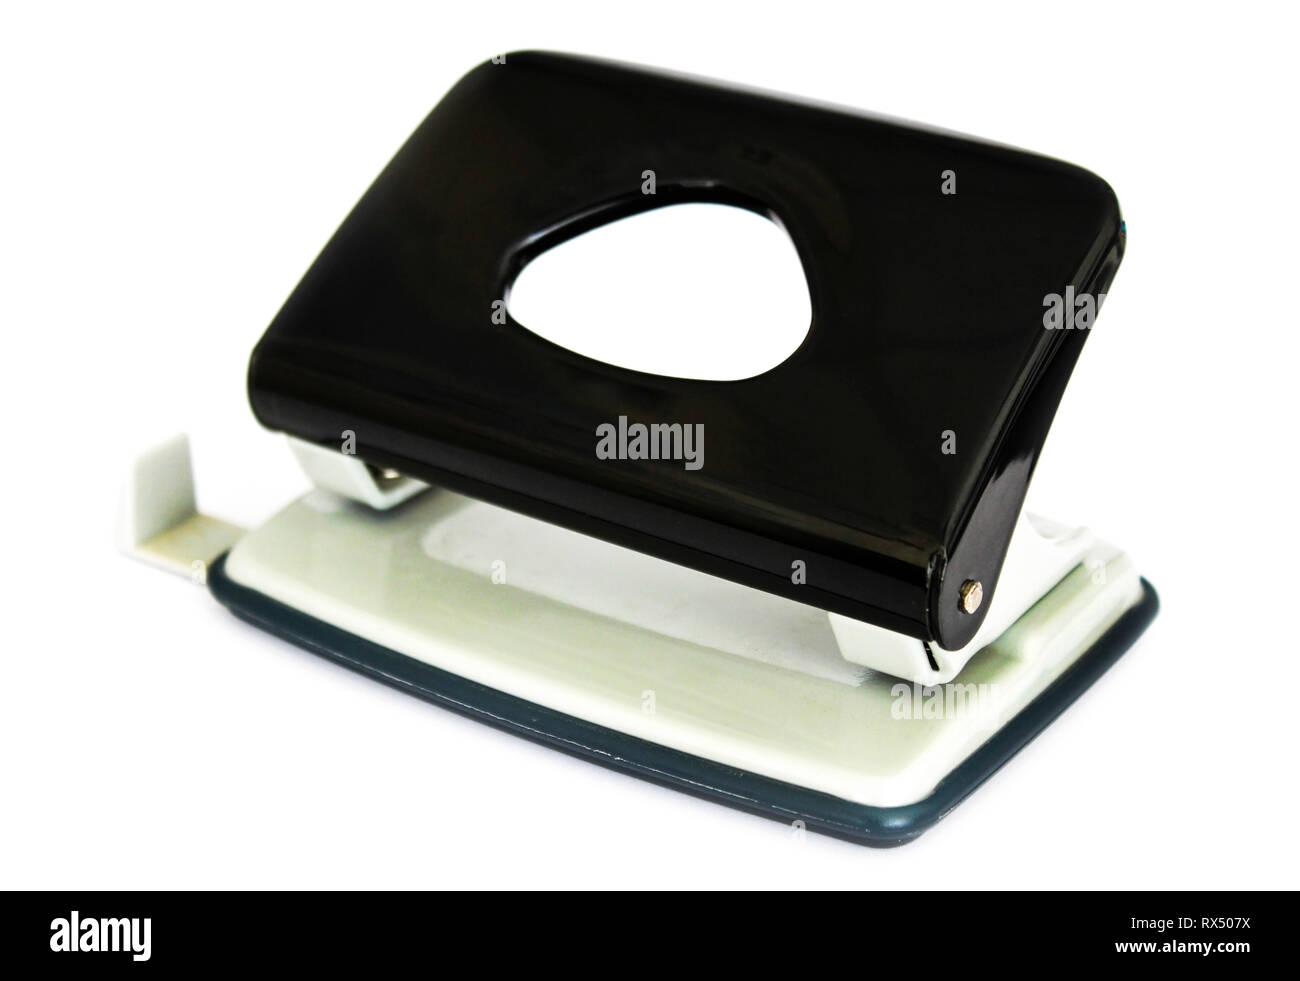 Papelería punch para grapar documentos aislados sobre fondo blanco. Imagen De Stock